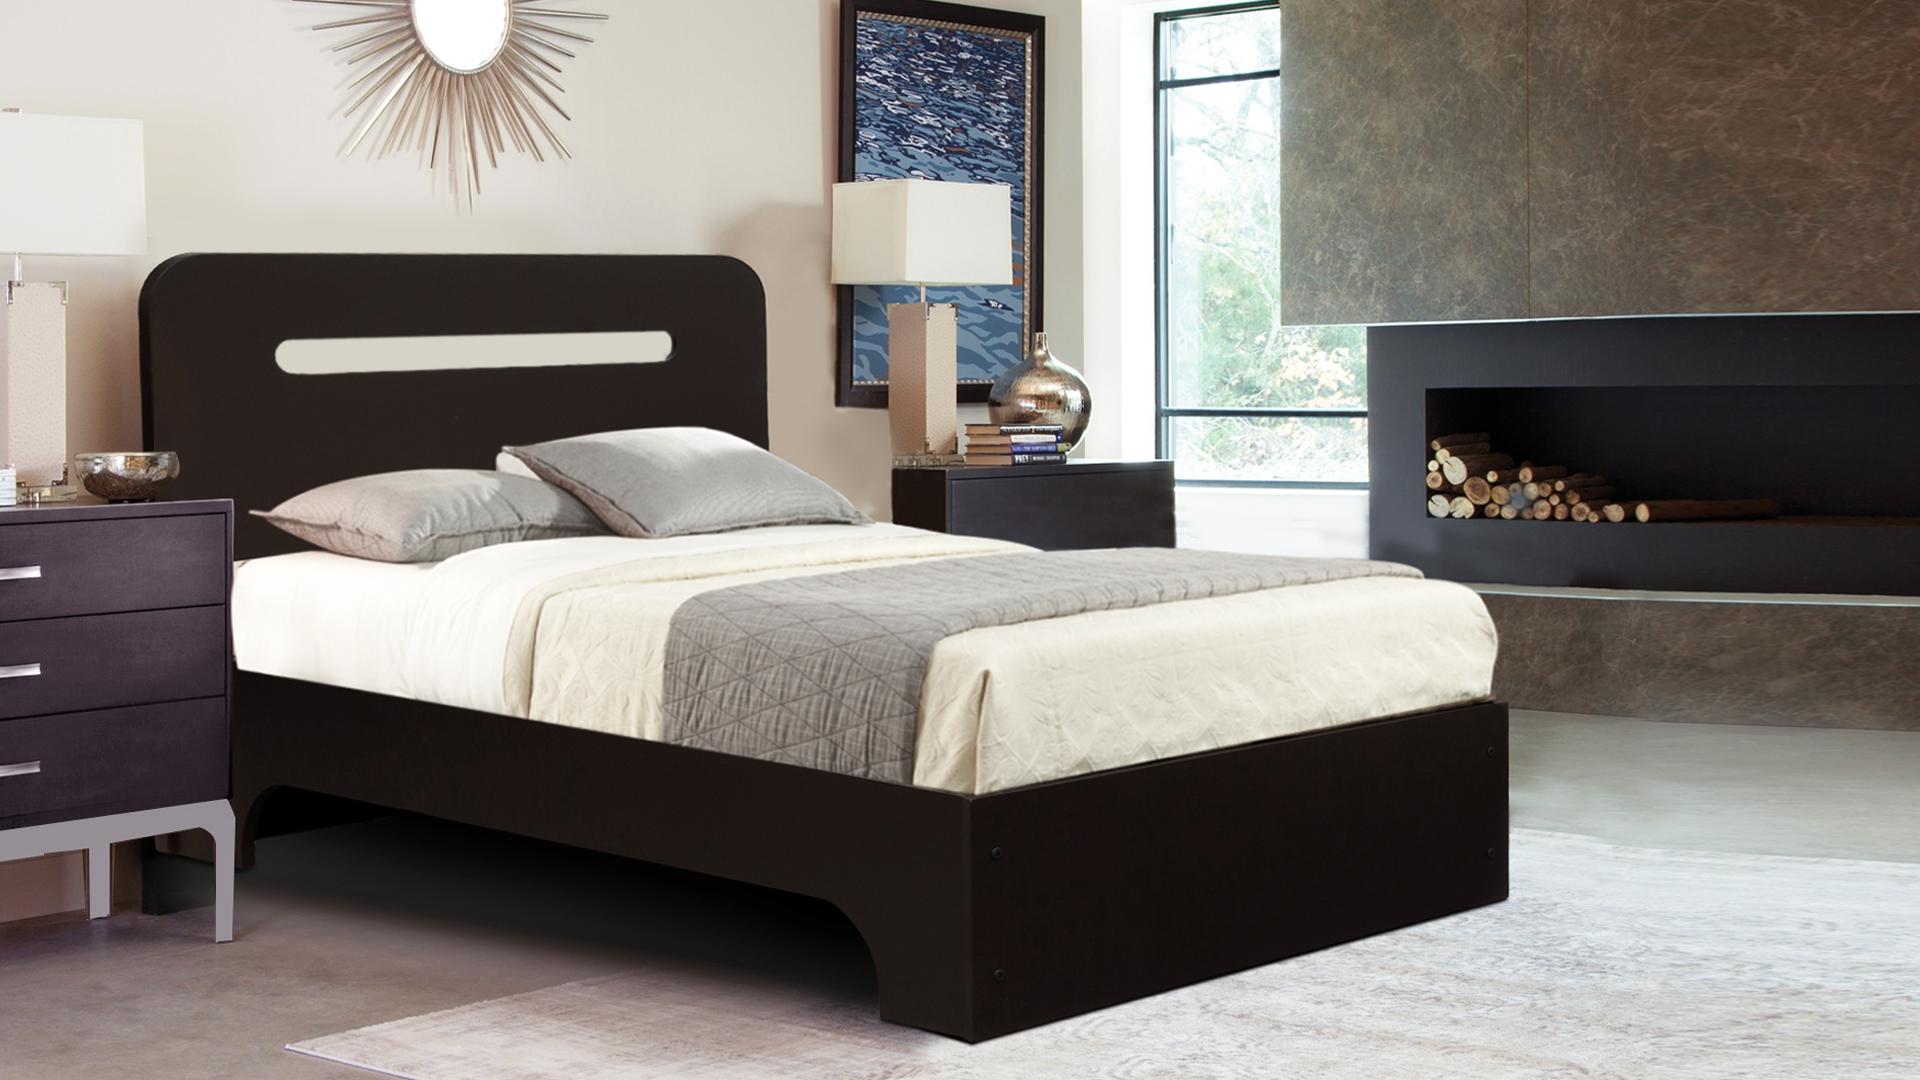 Auspicious Home Boston Single bed in Matte Finish